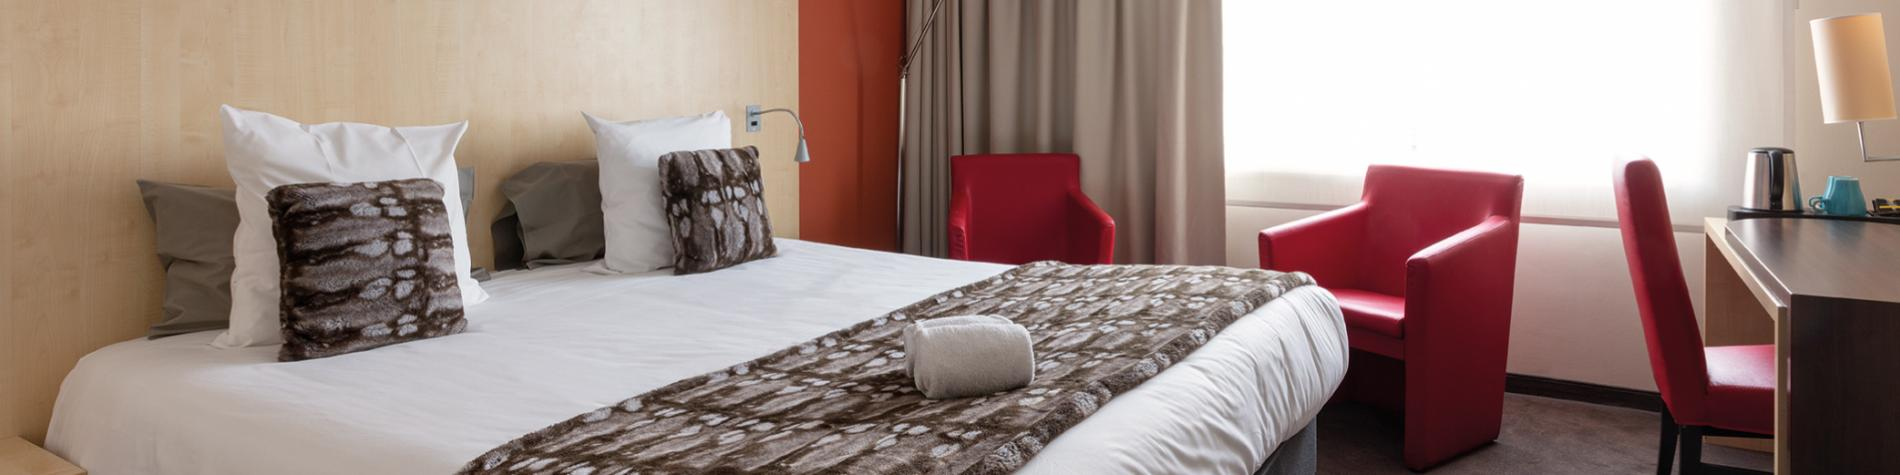 We Care Hotel - Alizé Mouscron